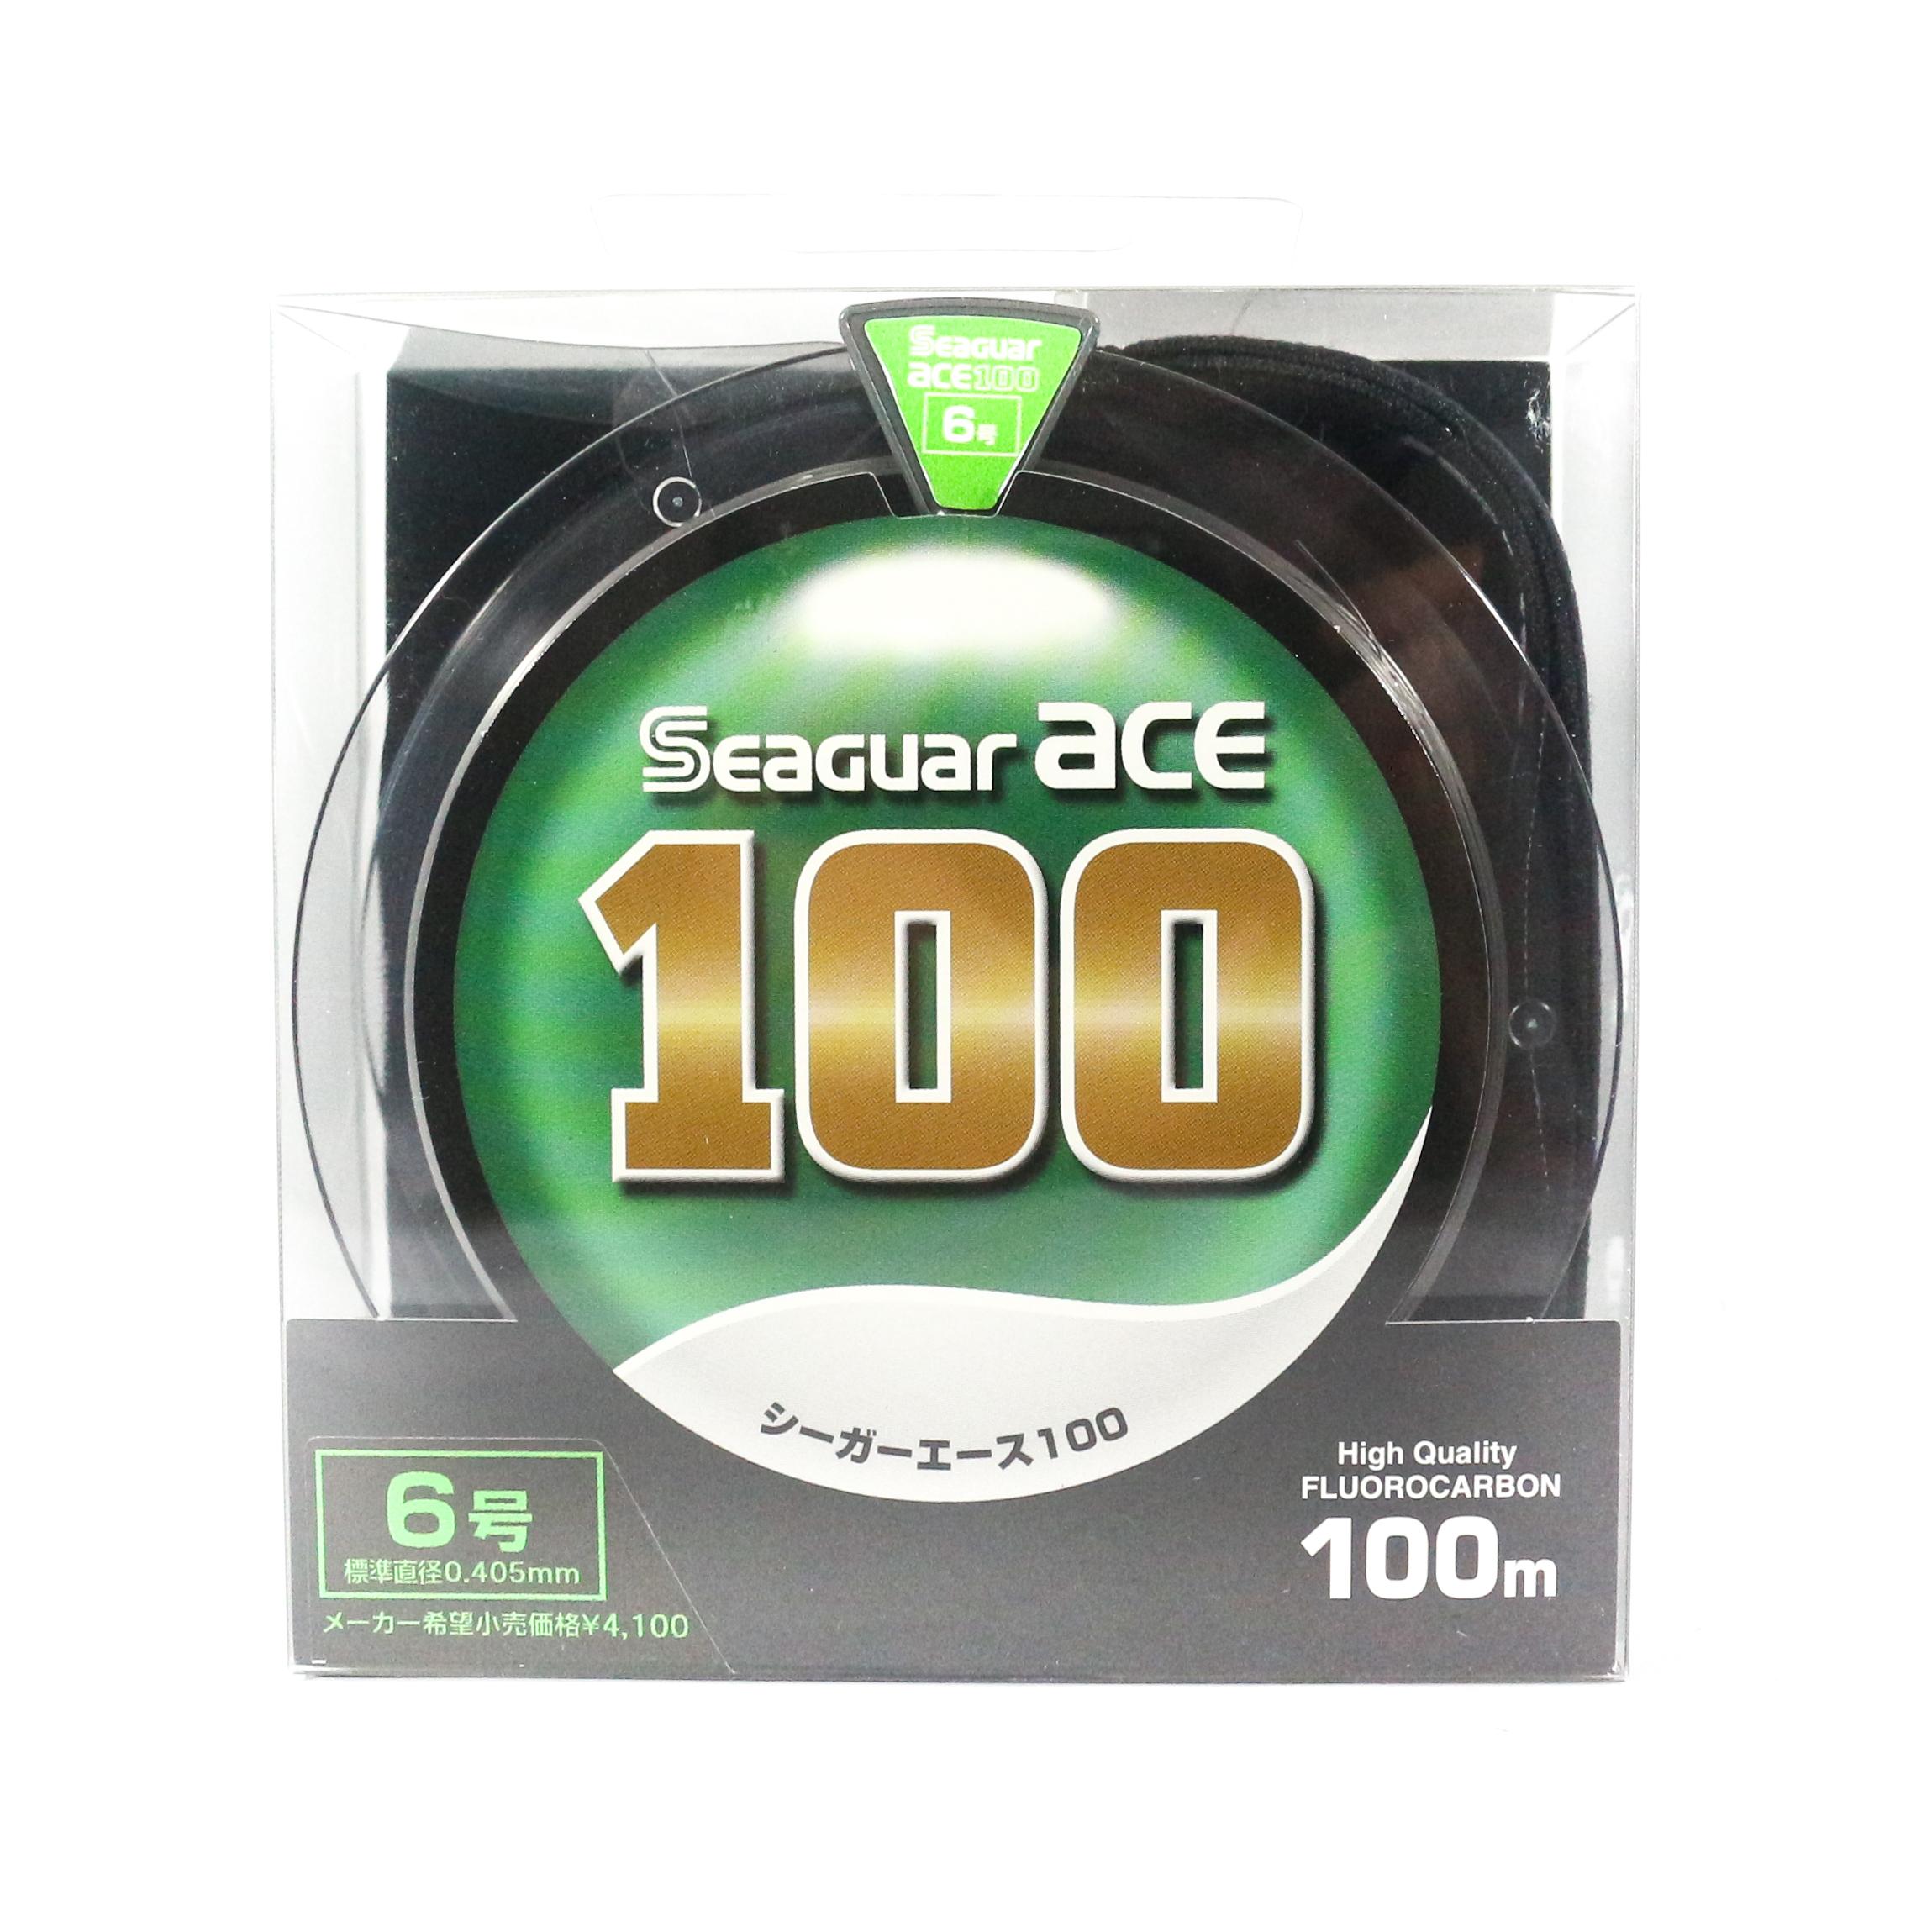 Seaguar Ace Fluorocarbon Leader Line 100m Size 6 - 6.6kg - 0.405mm (1322)